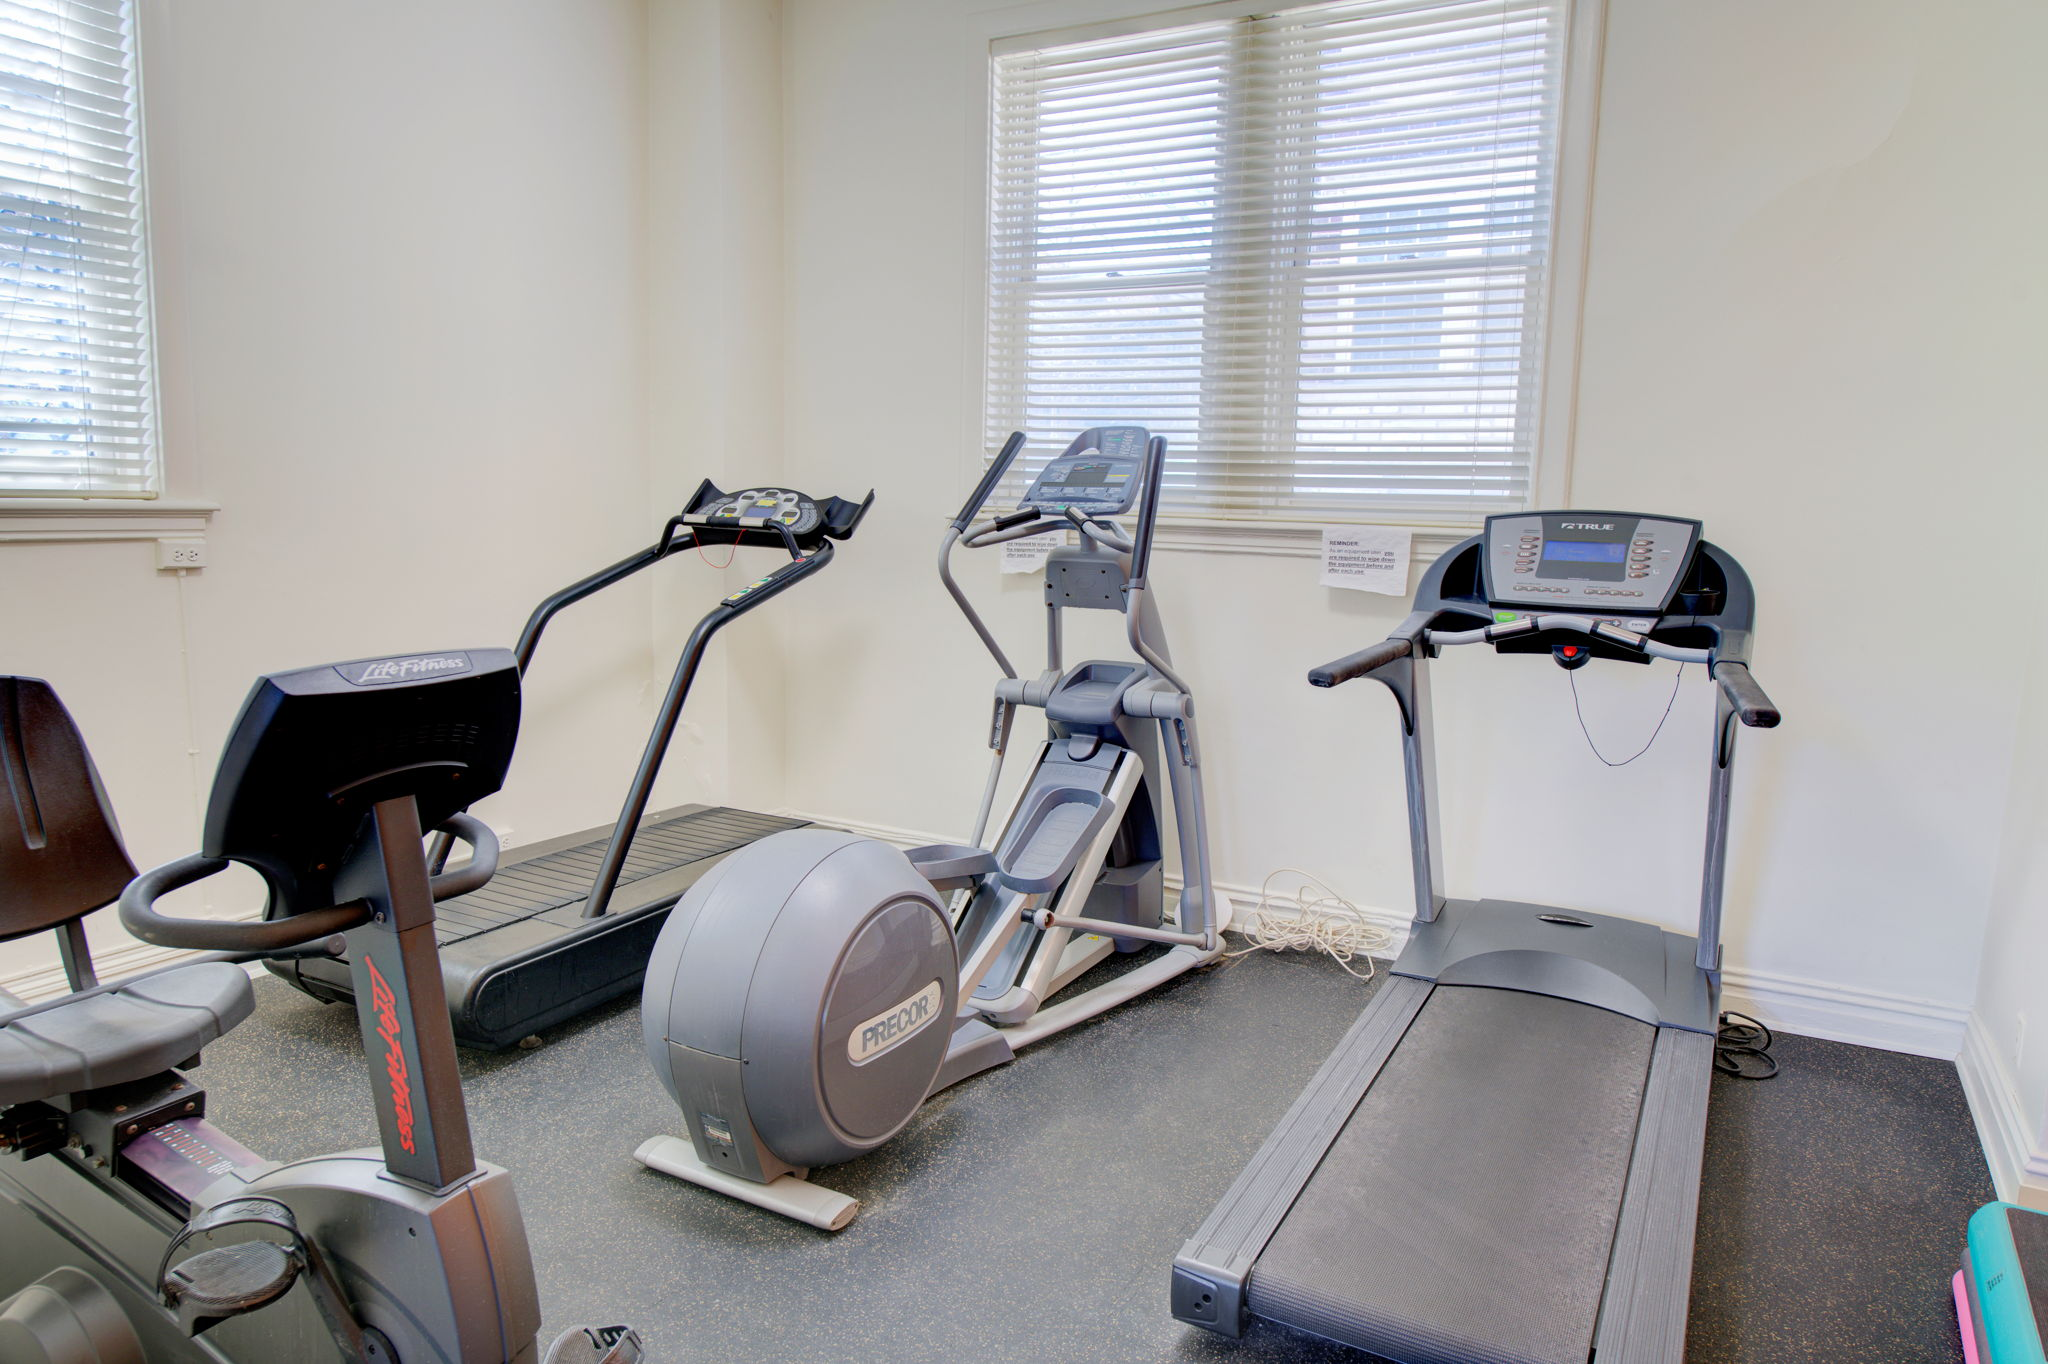 Weightroom